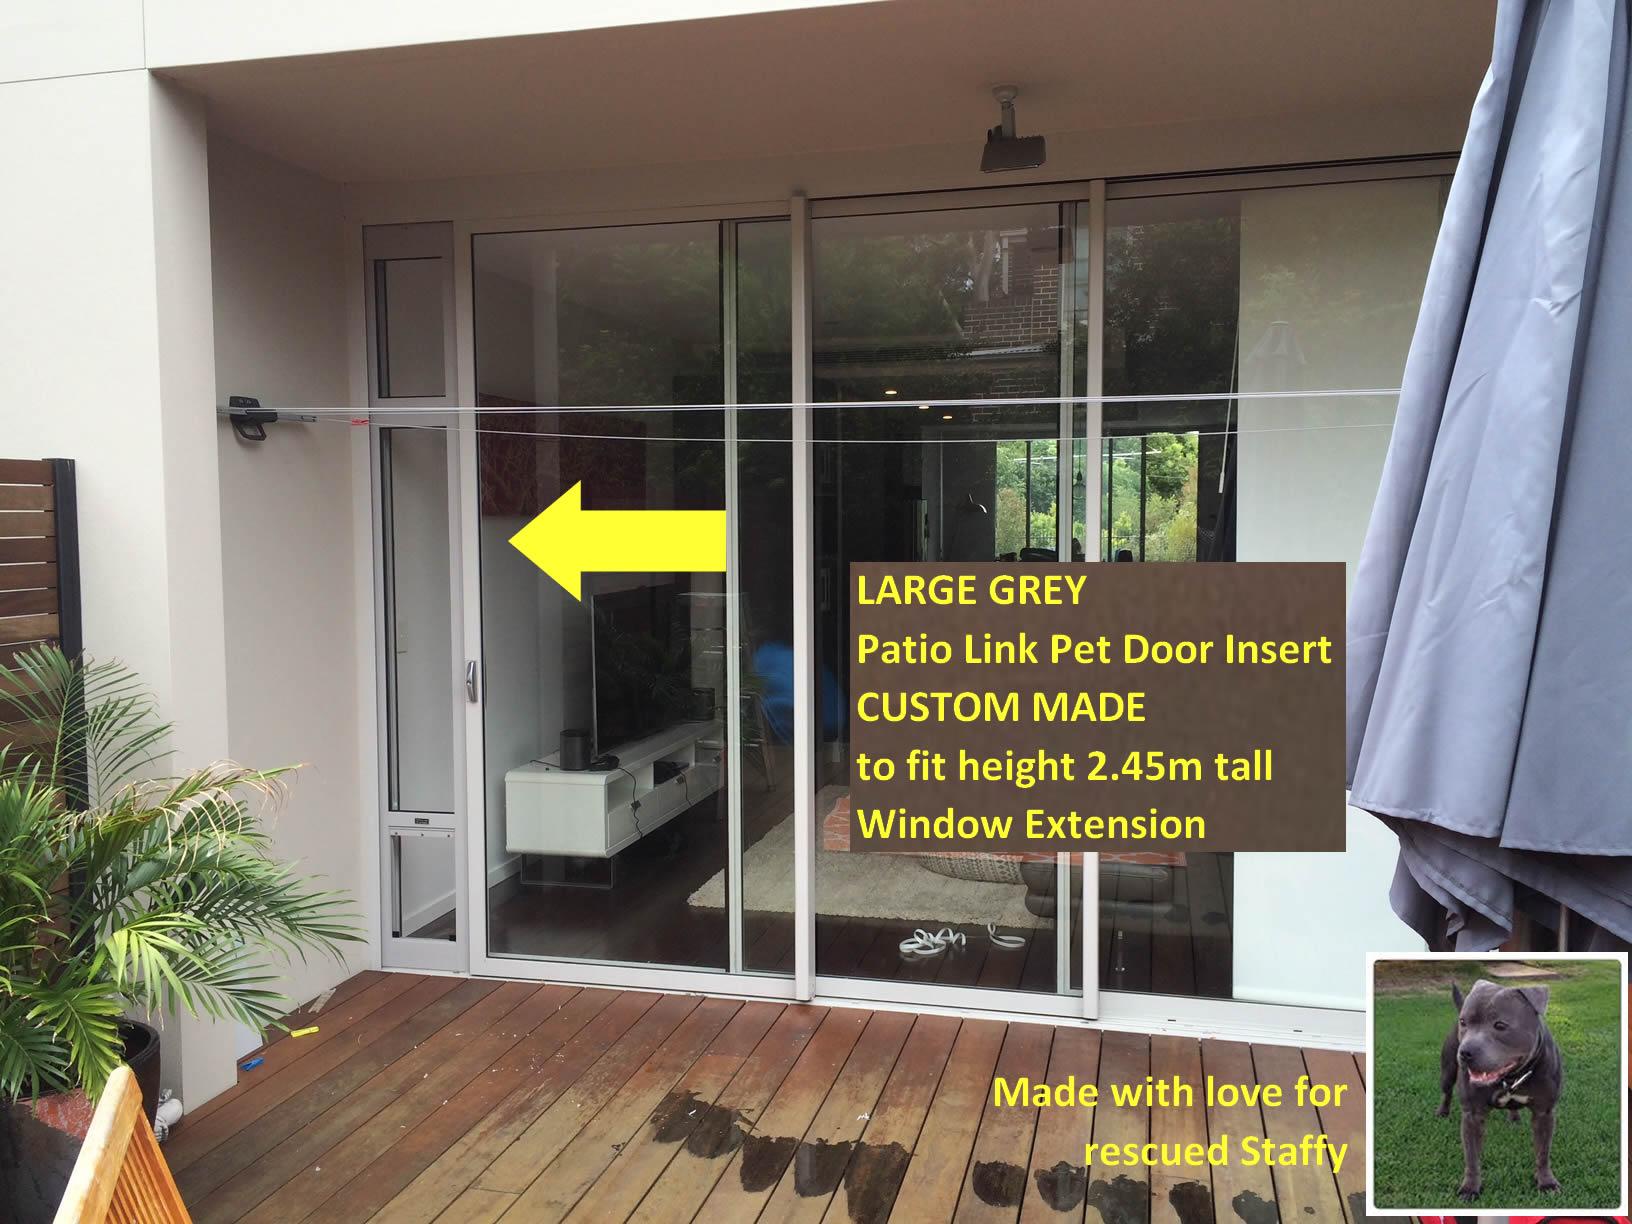 Large Grey Pet Door Insert